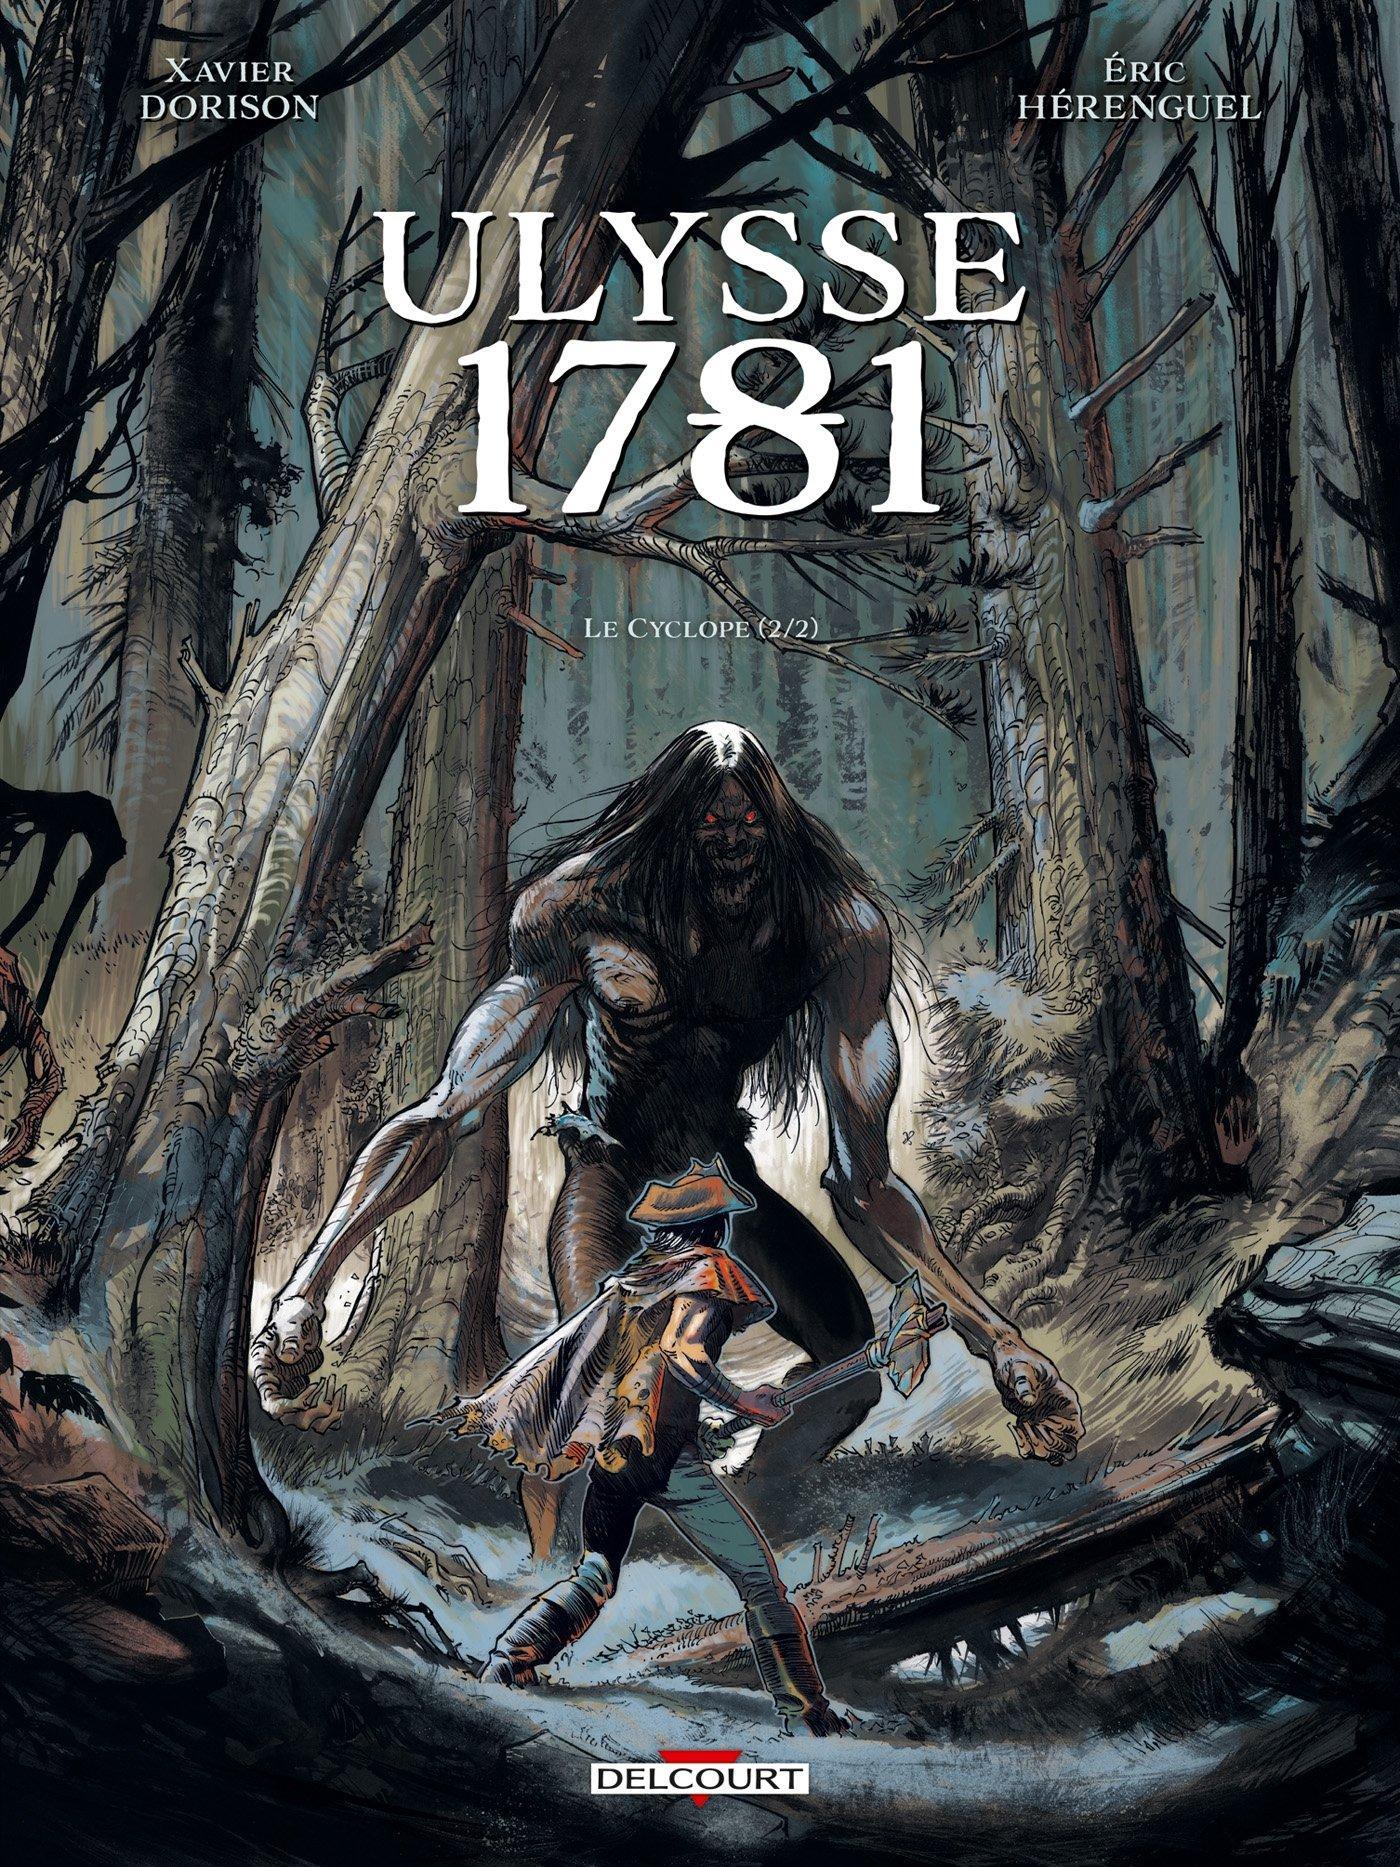 Amazon.fr - Ulysse 1781 T02: Le Cyclope 2/2 - Hérenguel, Éric, Dorison, Xavier, Lamirand, Sebastien - Livres